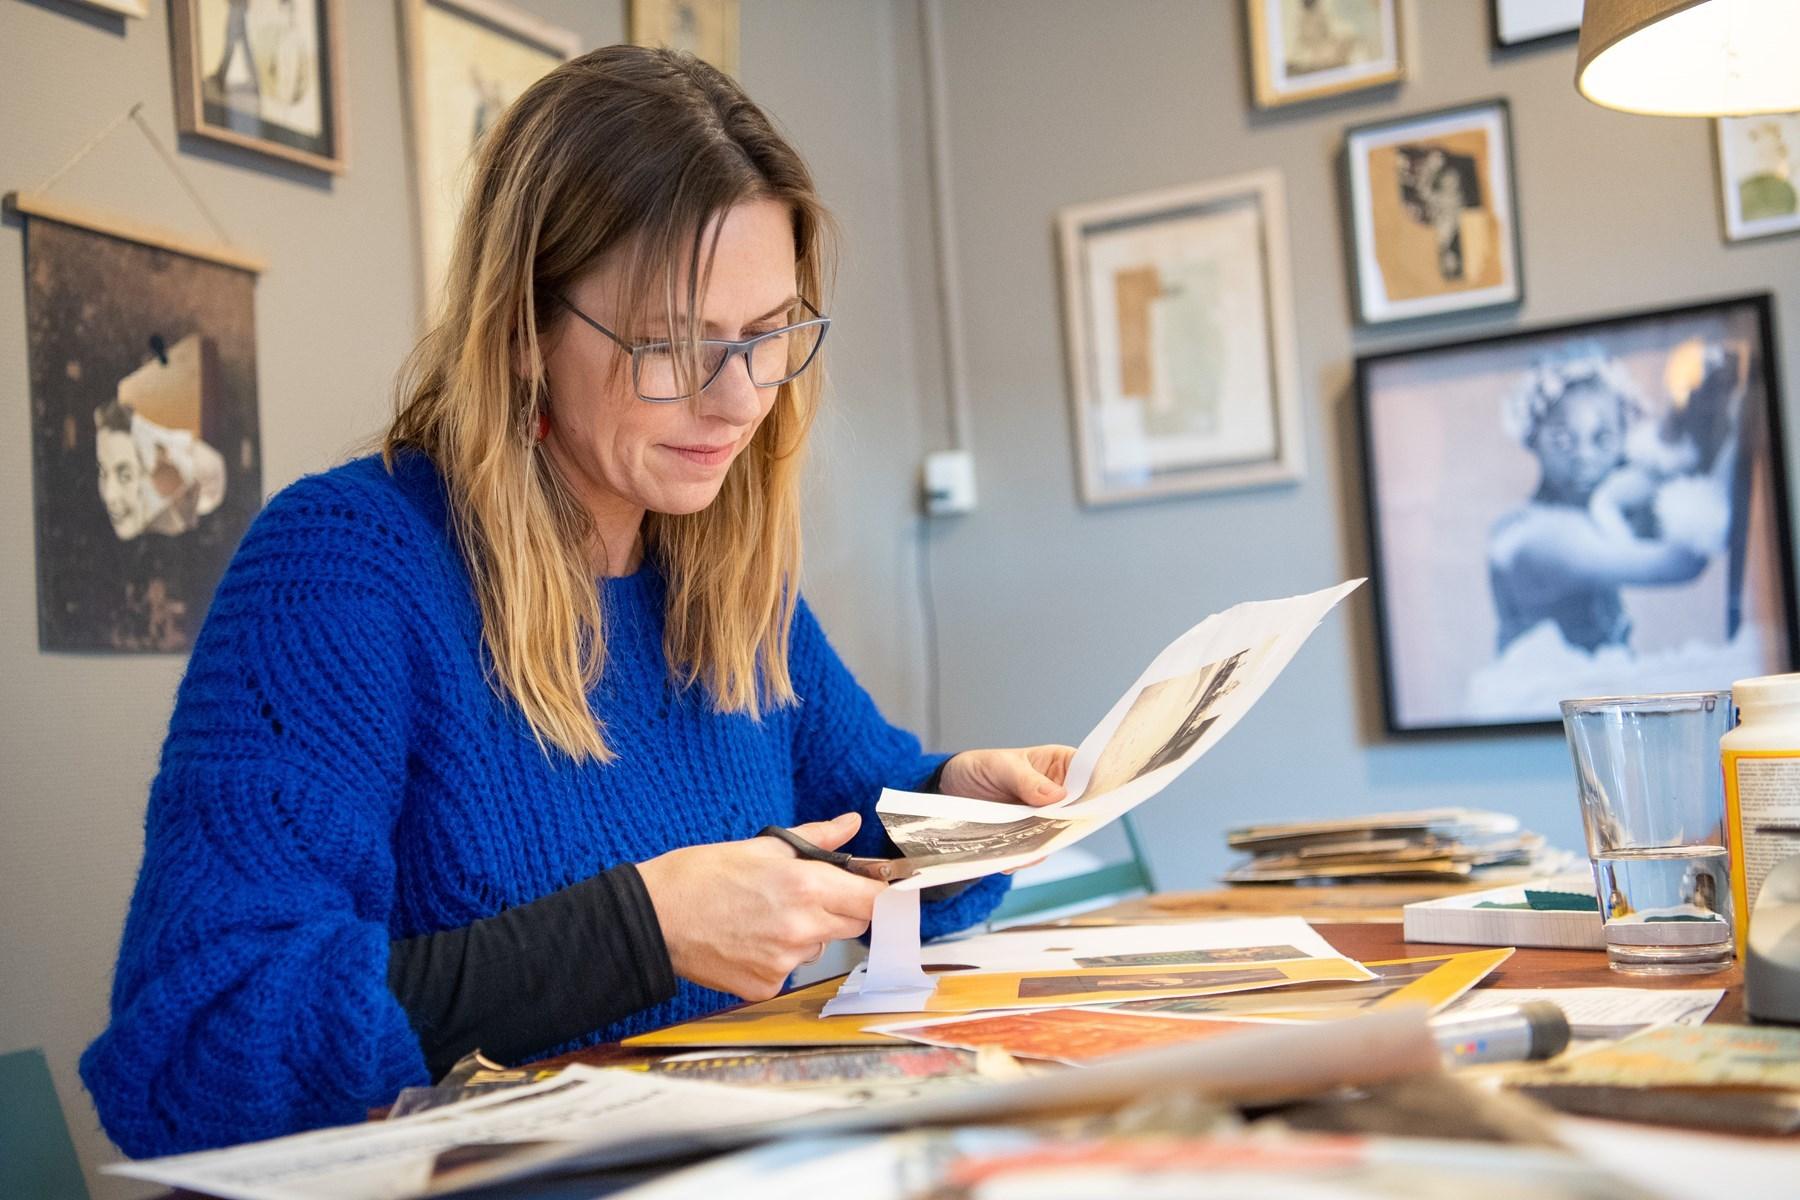 Gitte Lacarriere elsker at arbejde med papir, og det har ført til, at hun i dag er collagekunstner. Foto: Kim Dahl